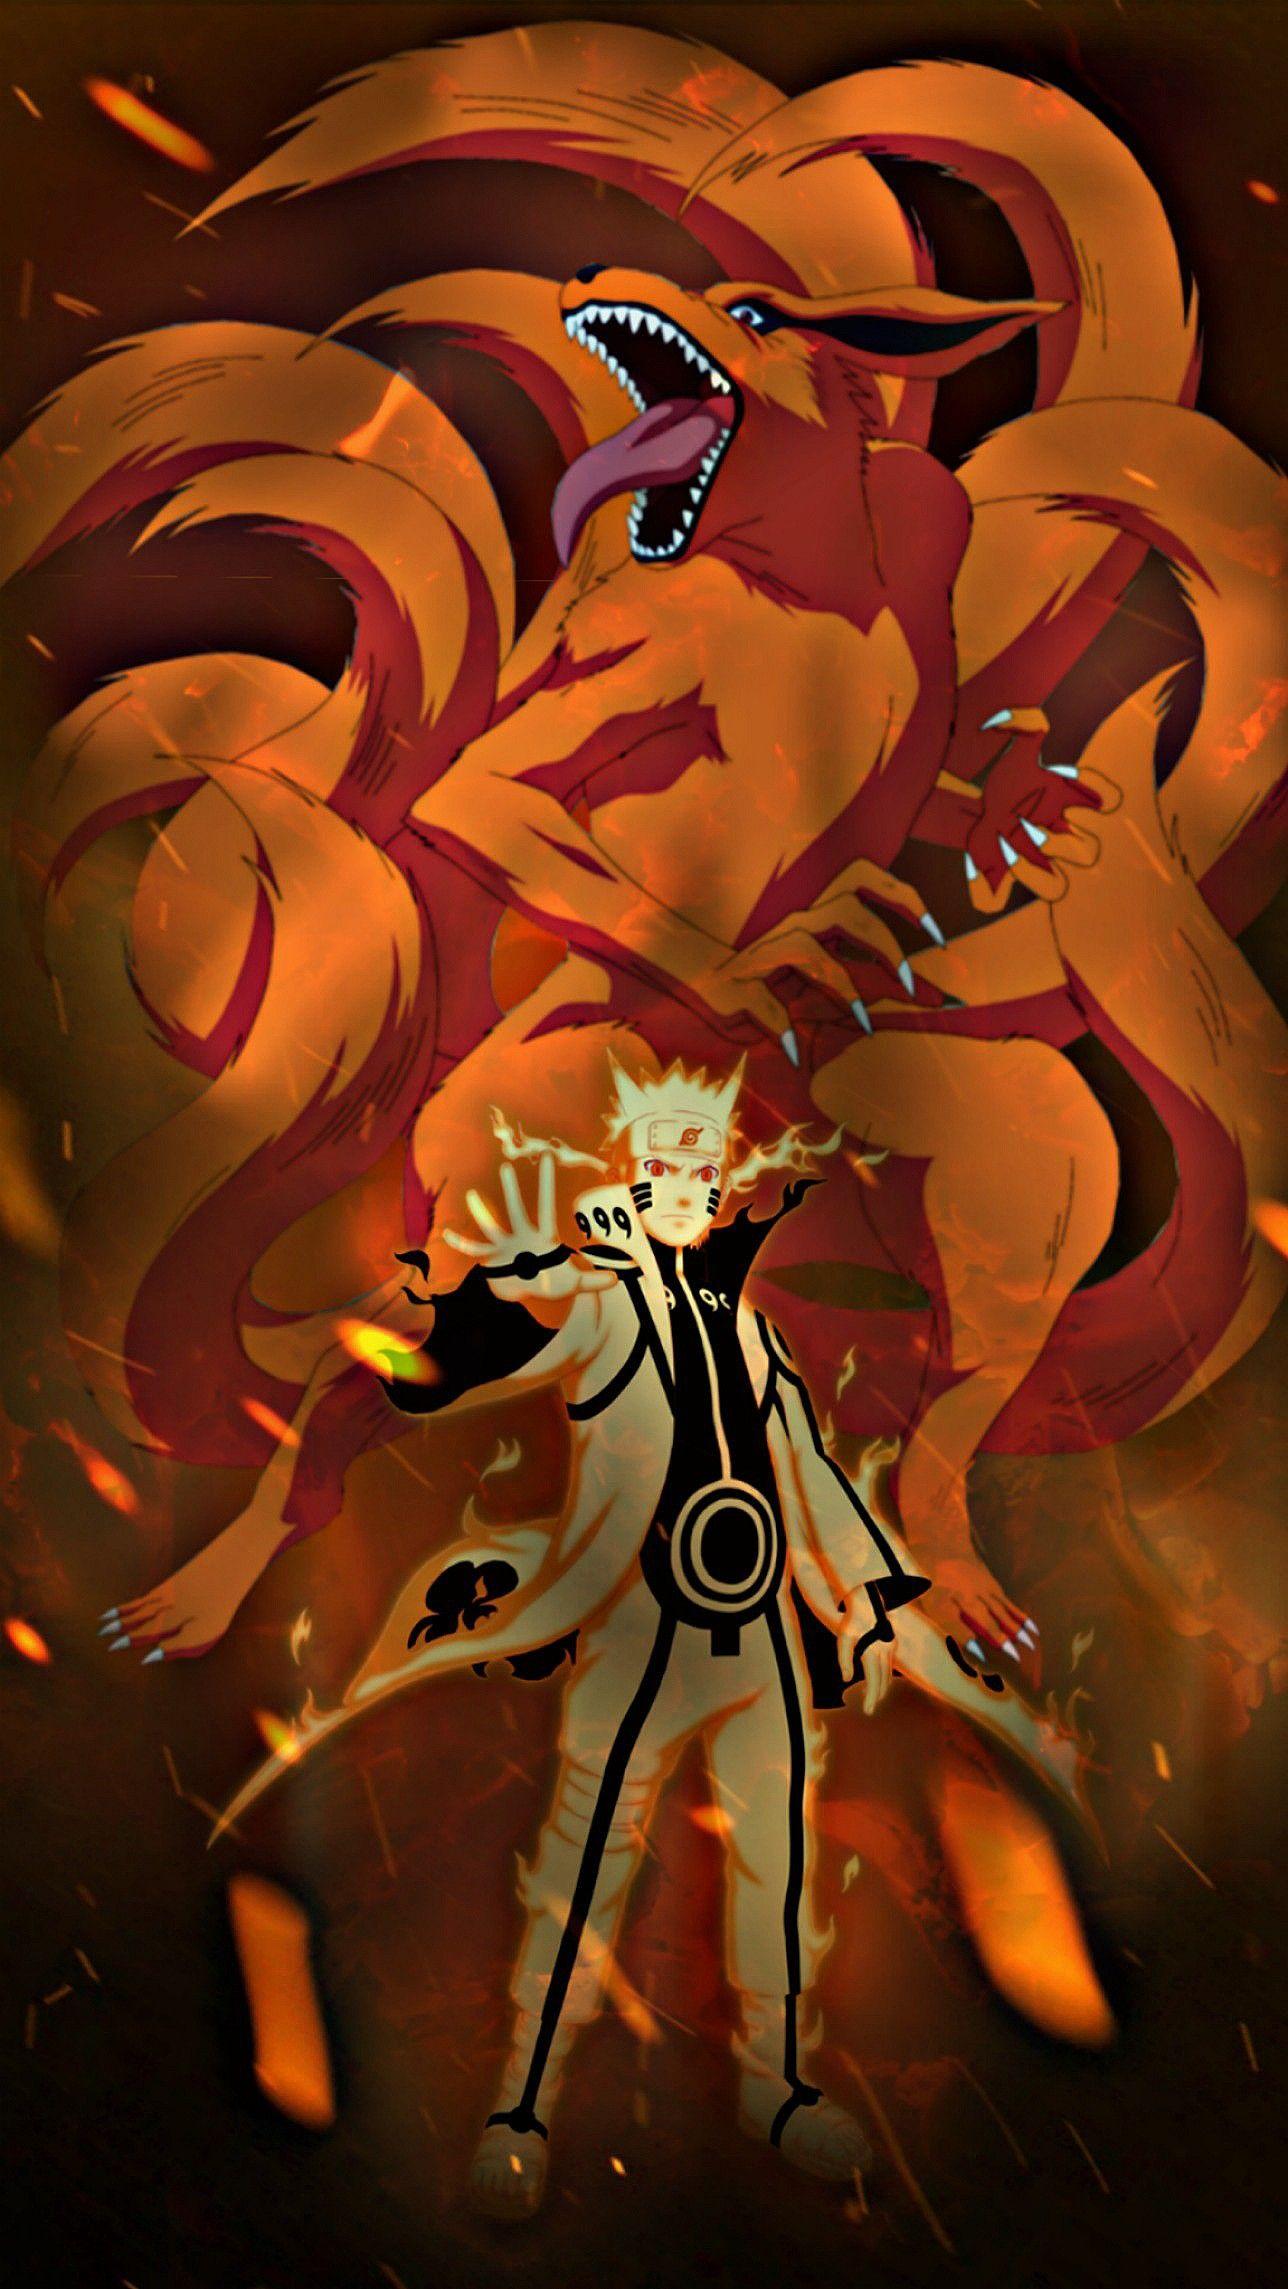 Naruto Wallpaper naruto kyubi sixpath sagemode kurama